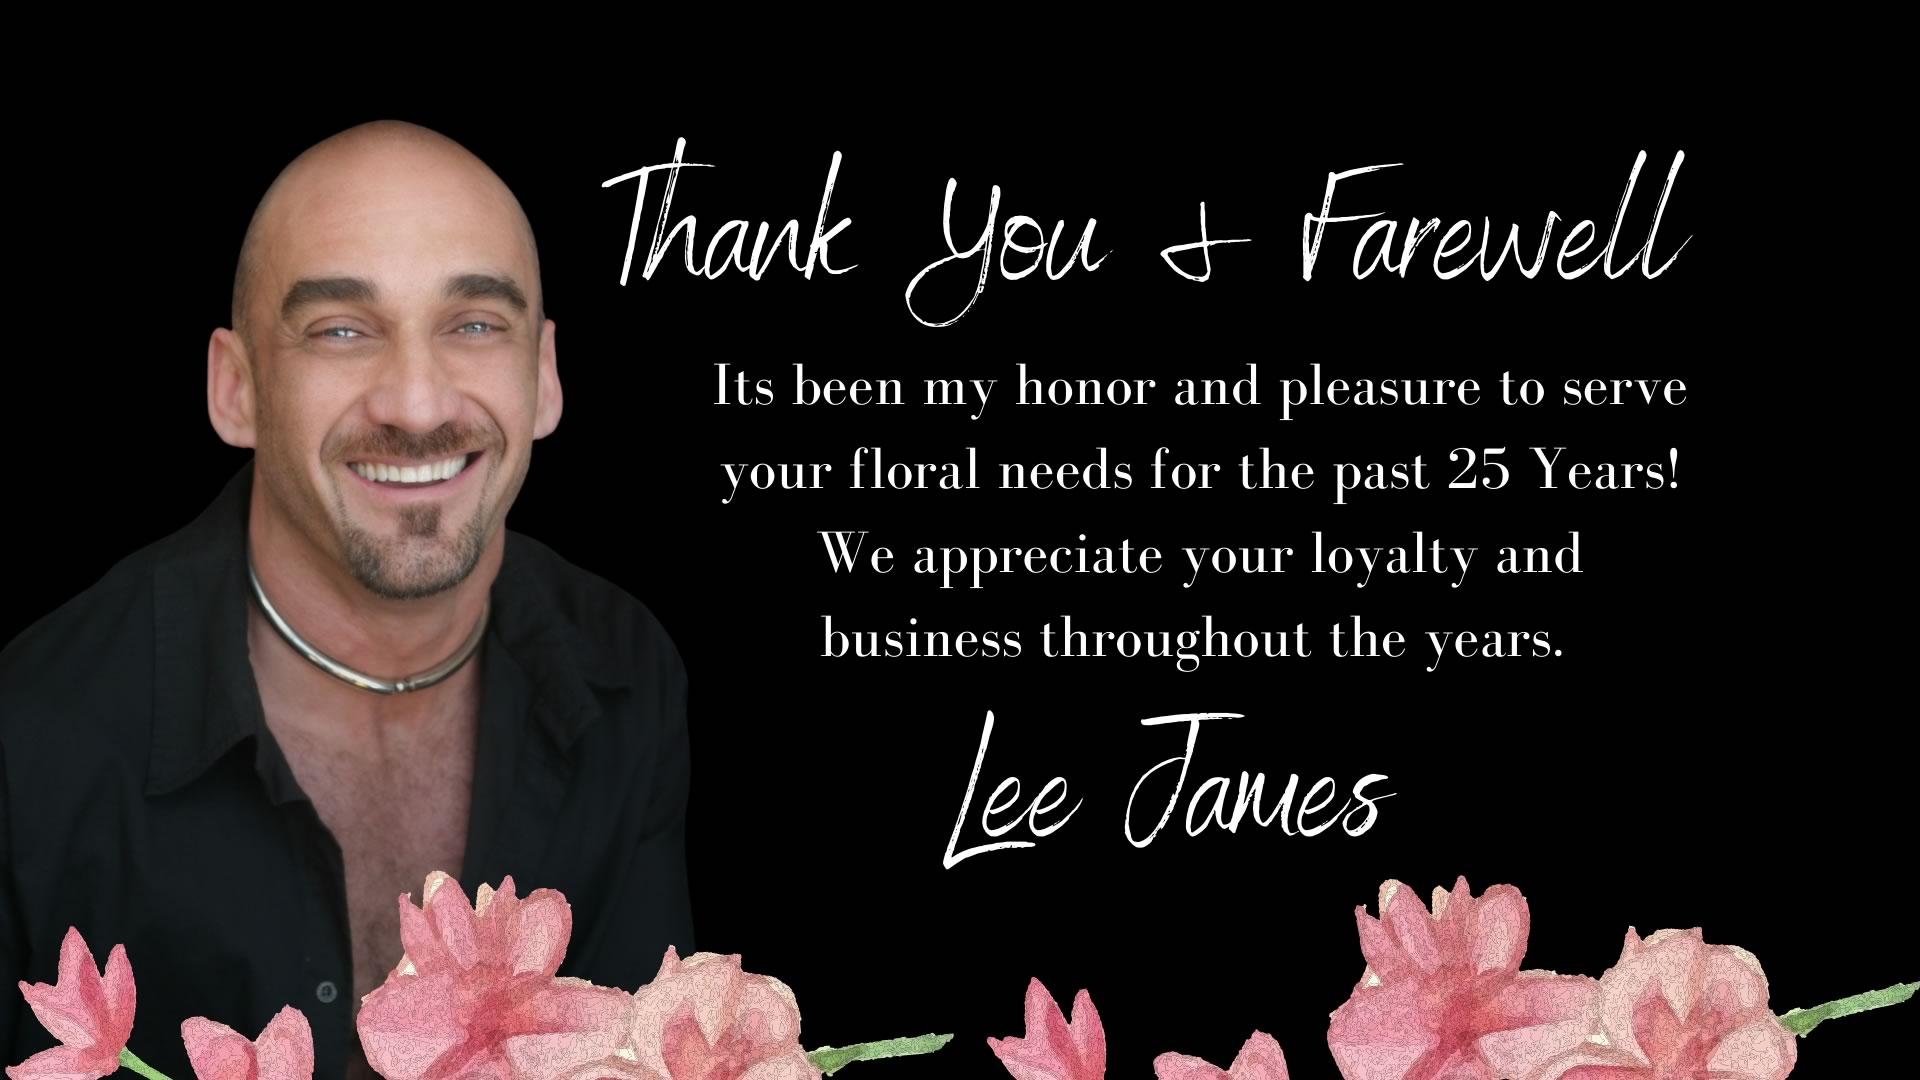 Lee James Floral Designs